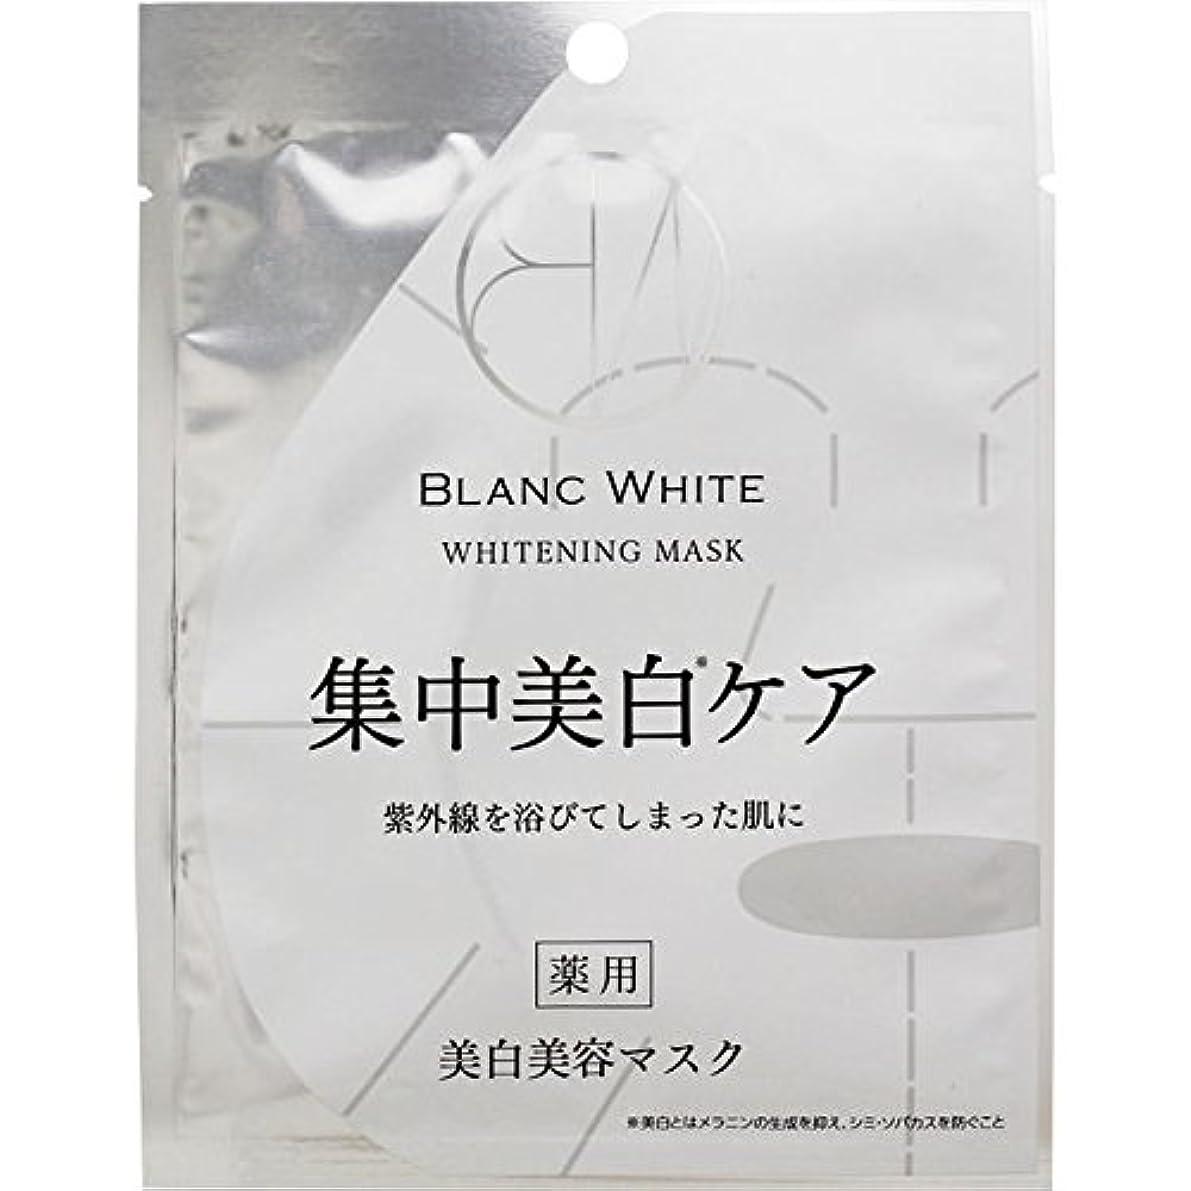 やりすぎメタリックウルルブランホワイト ホワイトニングマスク 1枚【21ml】 (医薬部外品)